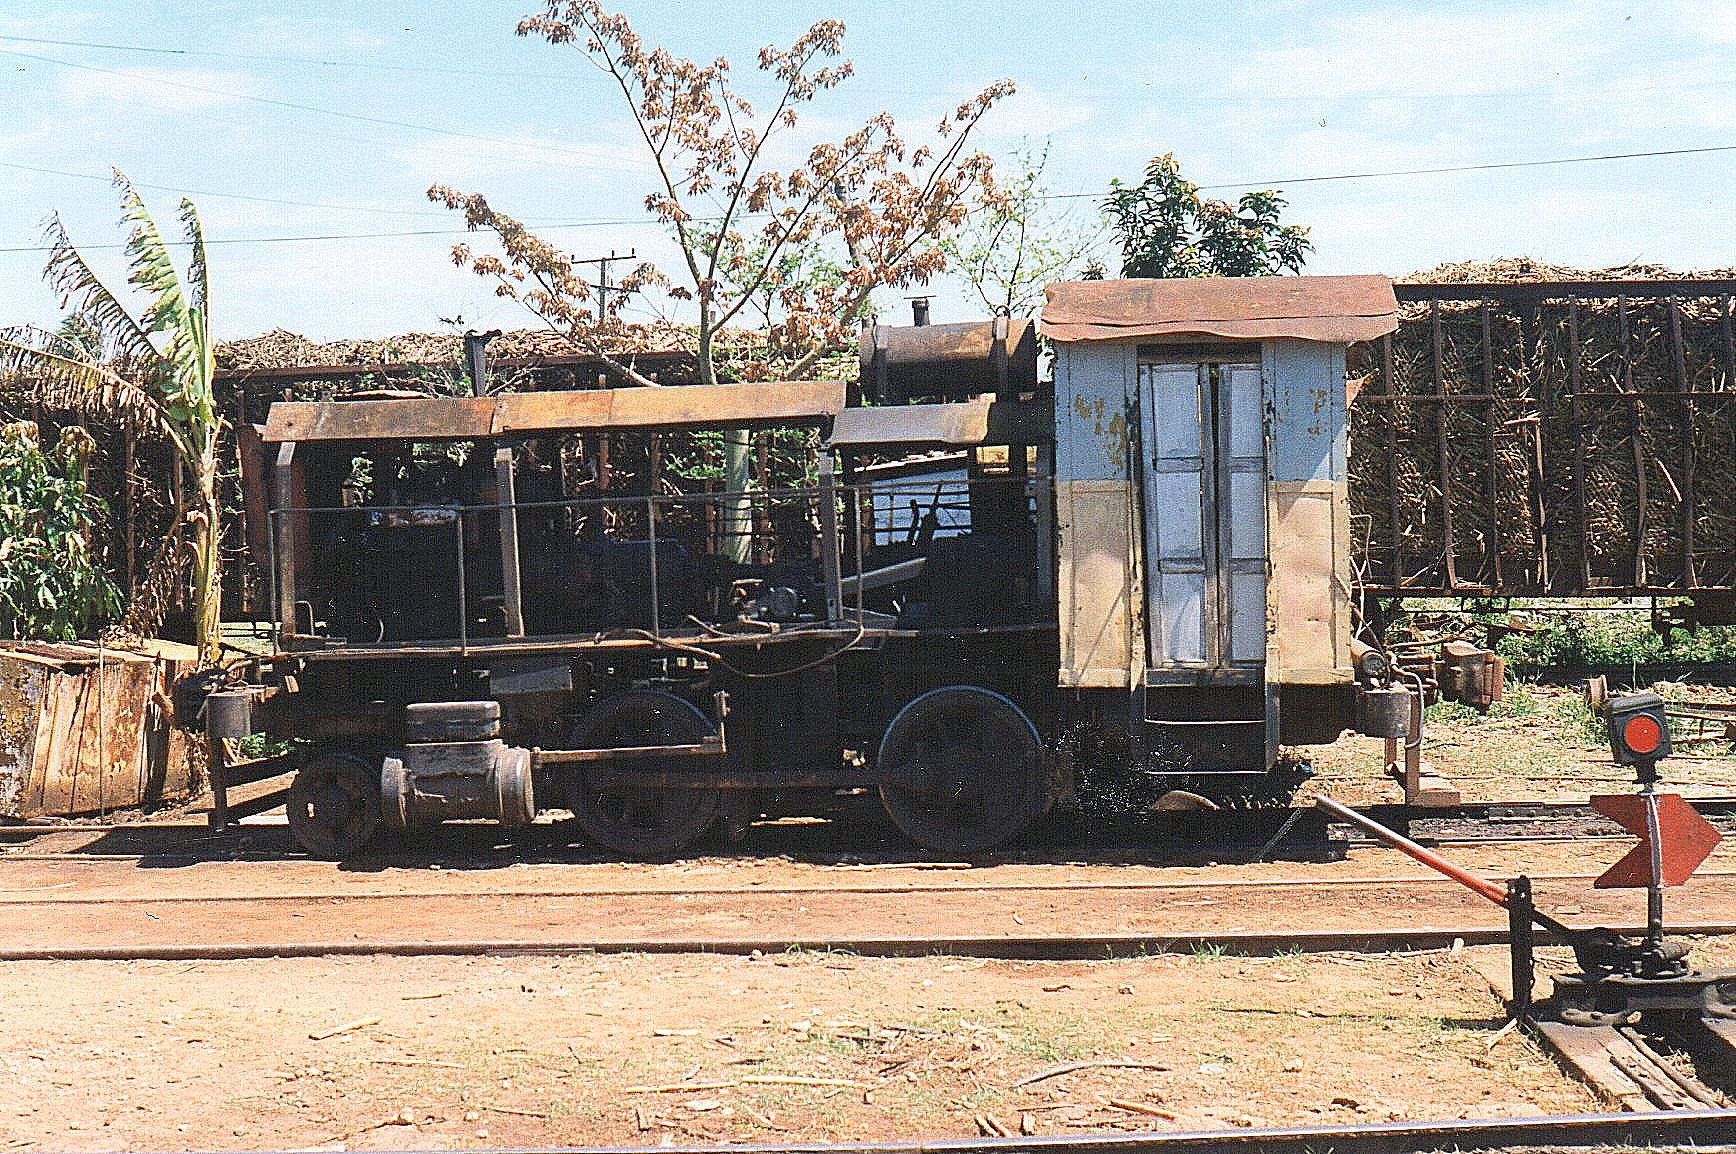 På Australia havde de meget mærkværdigt stående. Dette køretøj, der havde blanke hjul og nummeret 4110 har tilsyneladende engang været et 1B damplokomotiv. Bemærk sporskifteviseren. I baggrunden læssede sukkerrørsvogne.